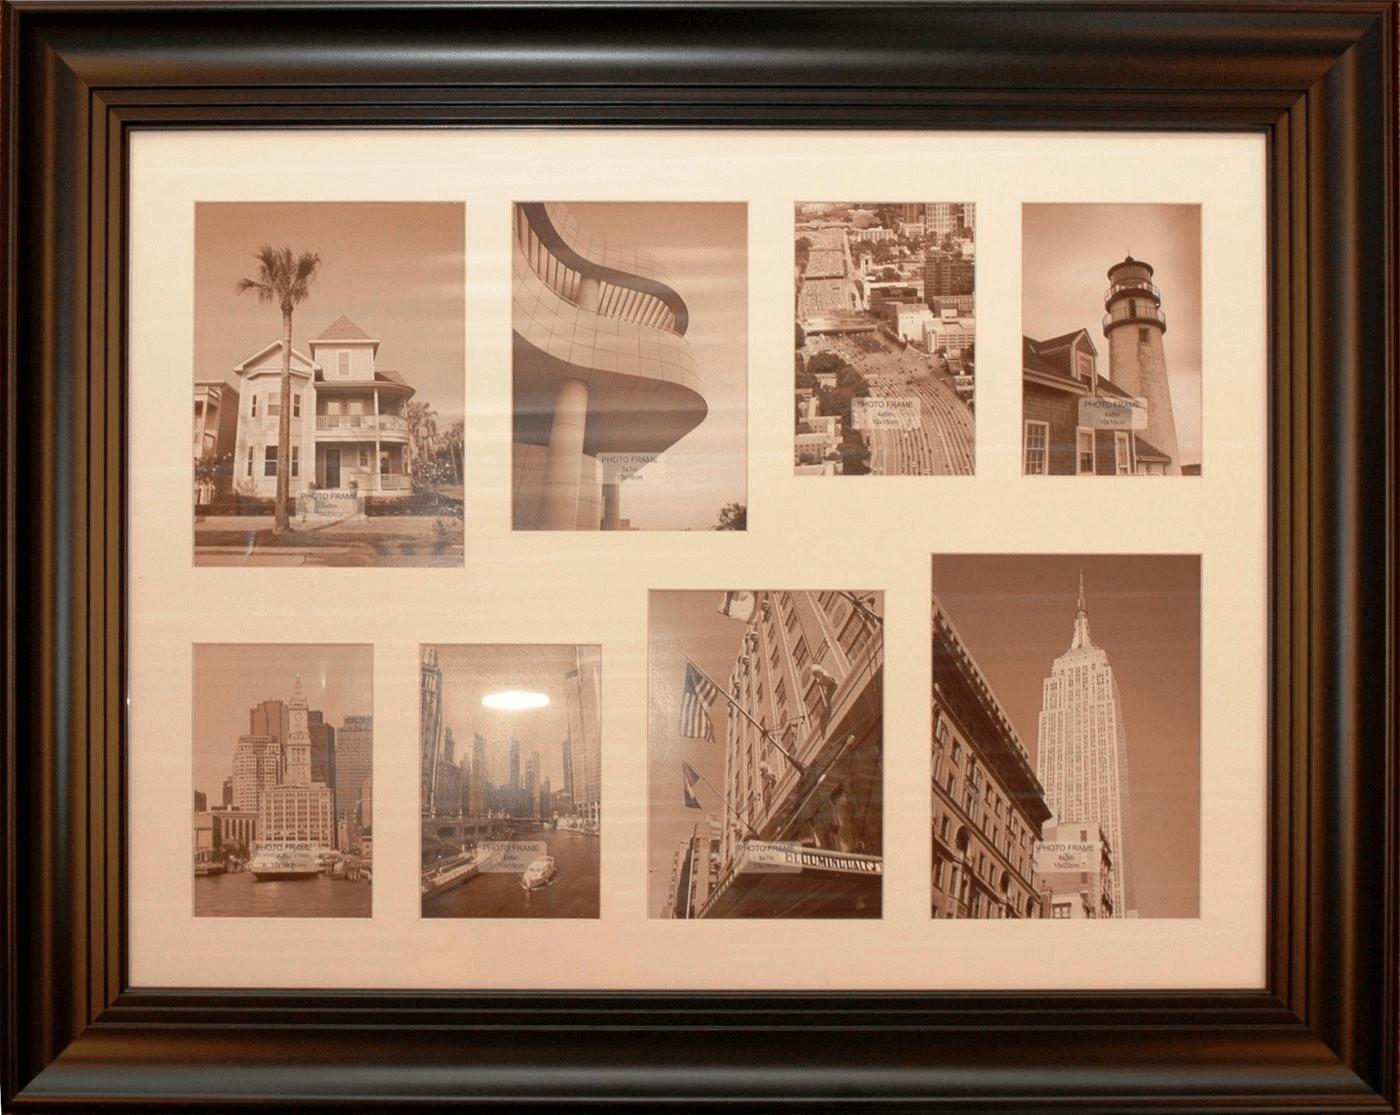 Berühmt Bilderrahmen Angehoben Fotos - Benutzerdefinierte ...